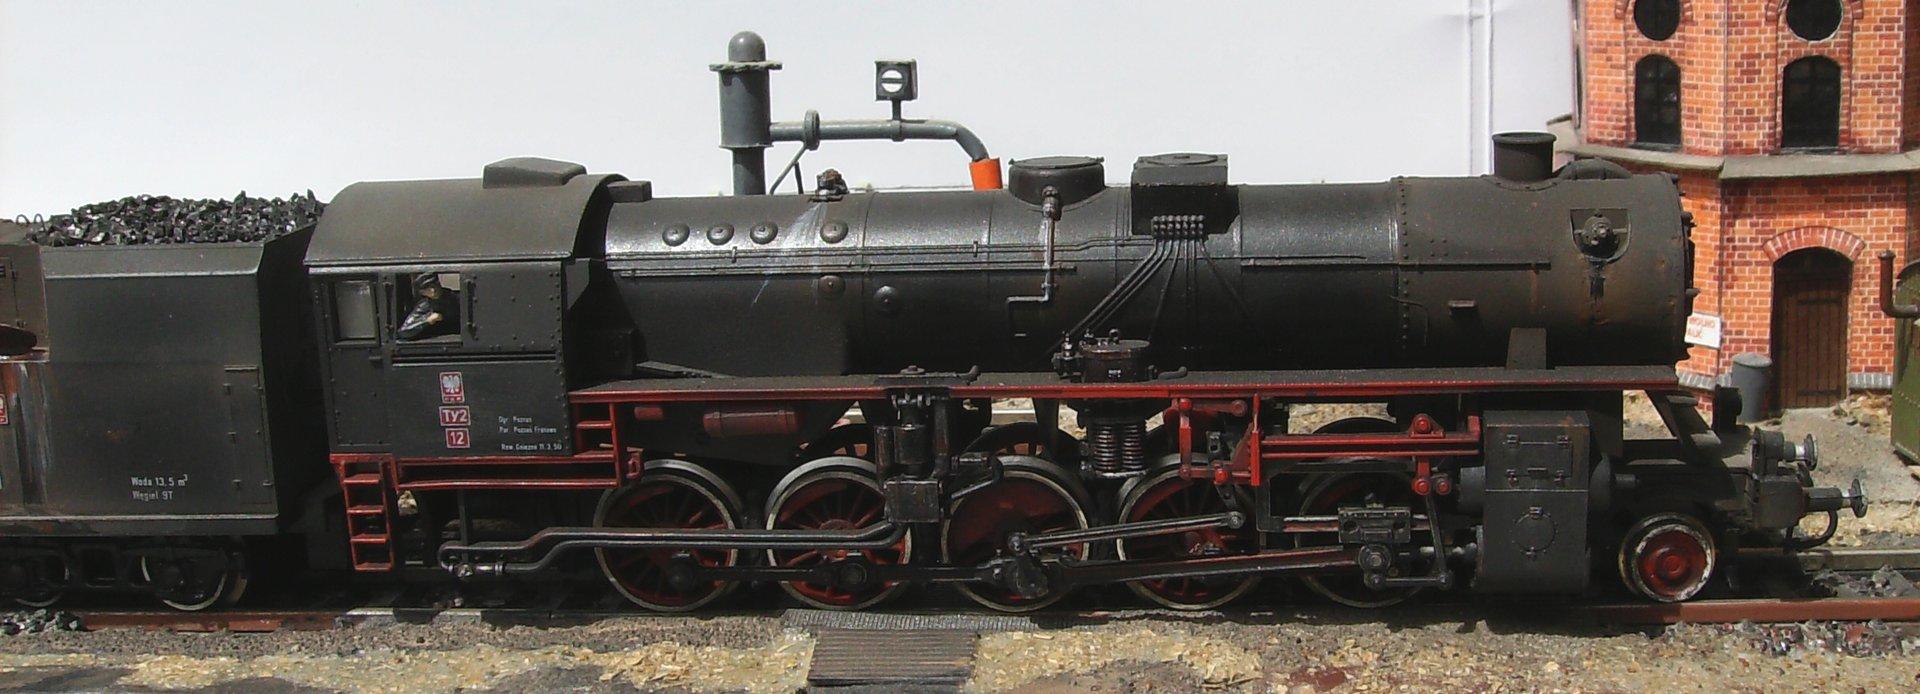 HPIM0055.JPG